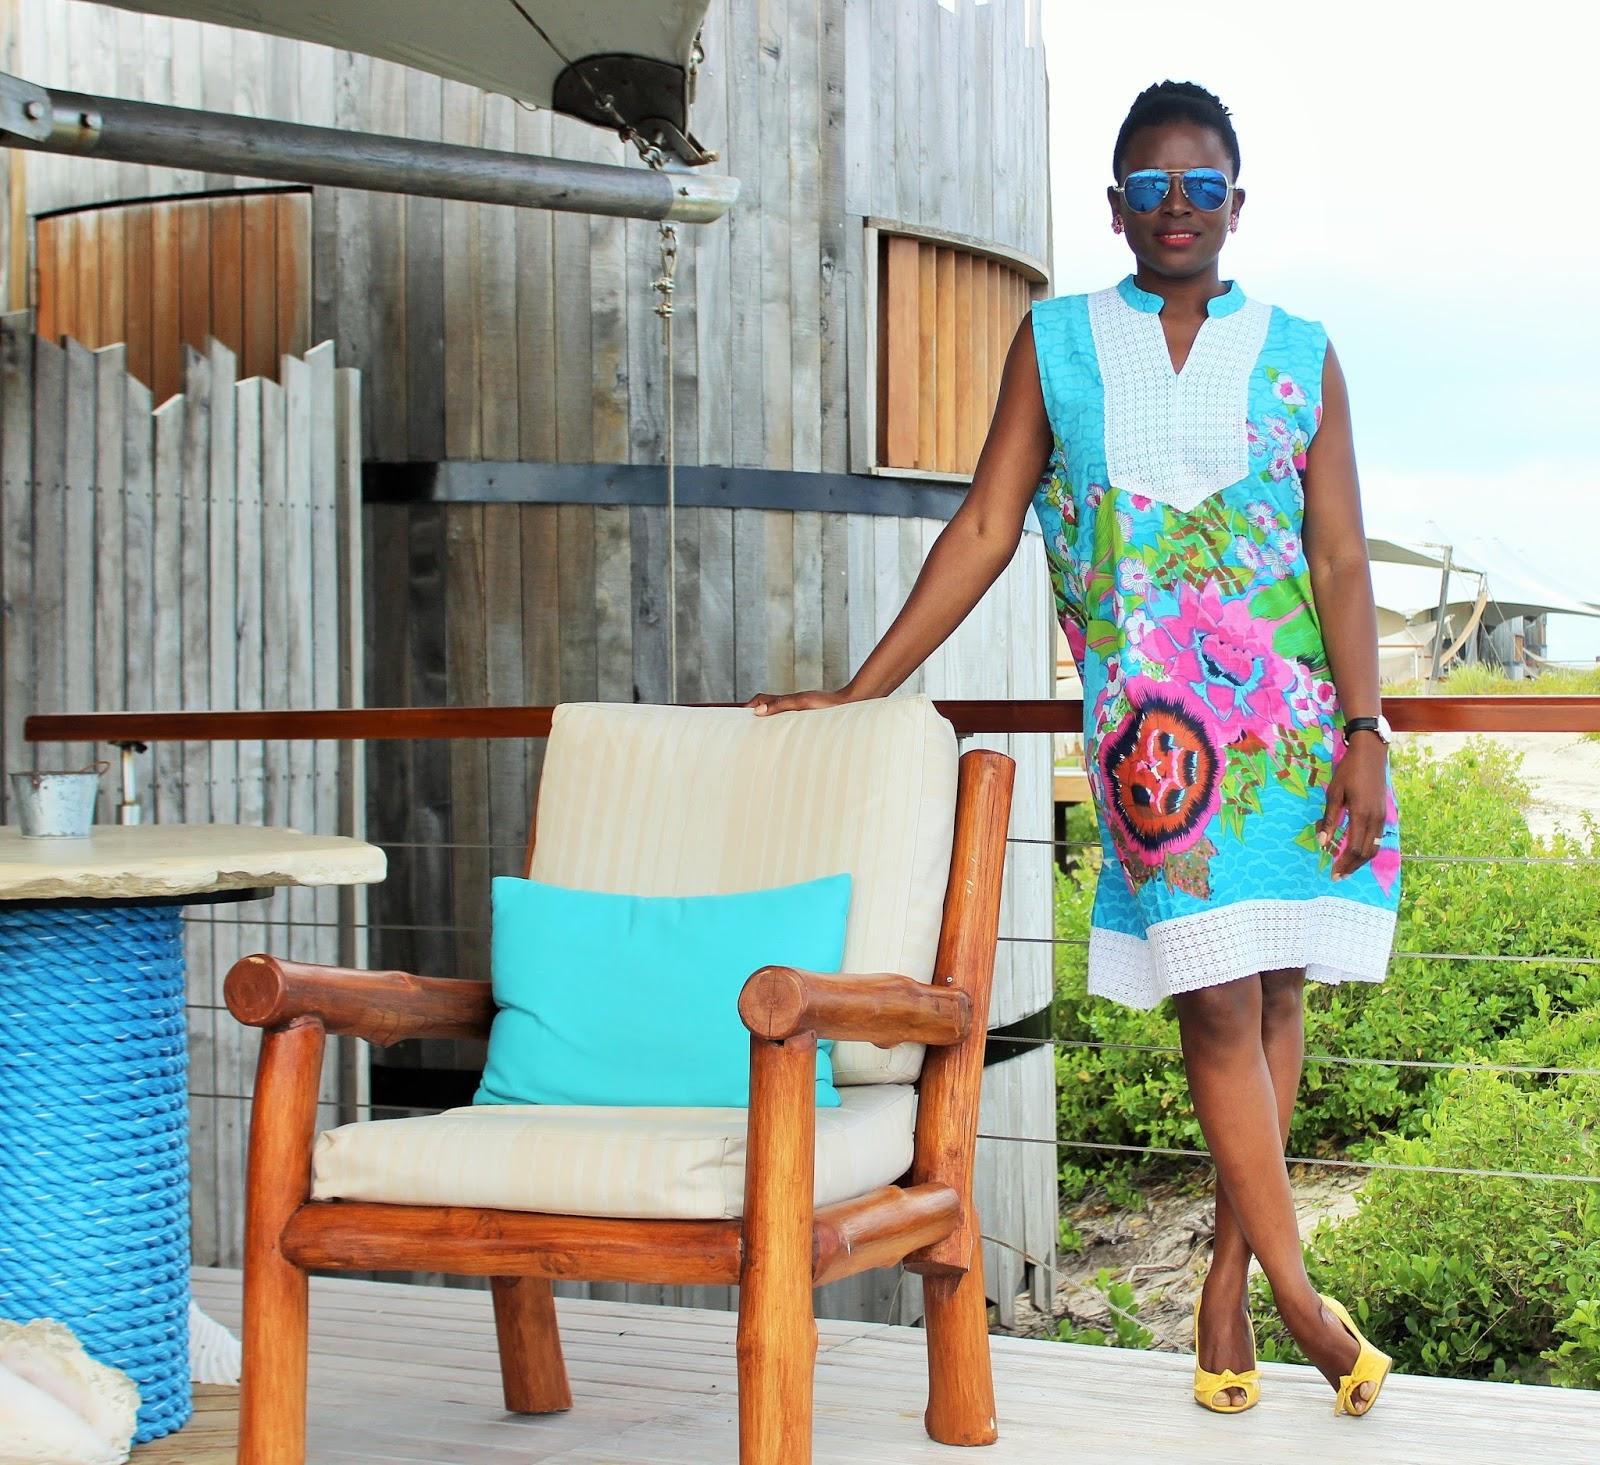 Resort Wear Dress